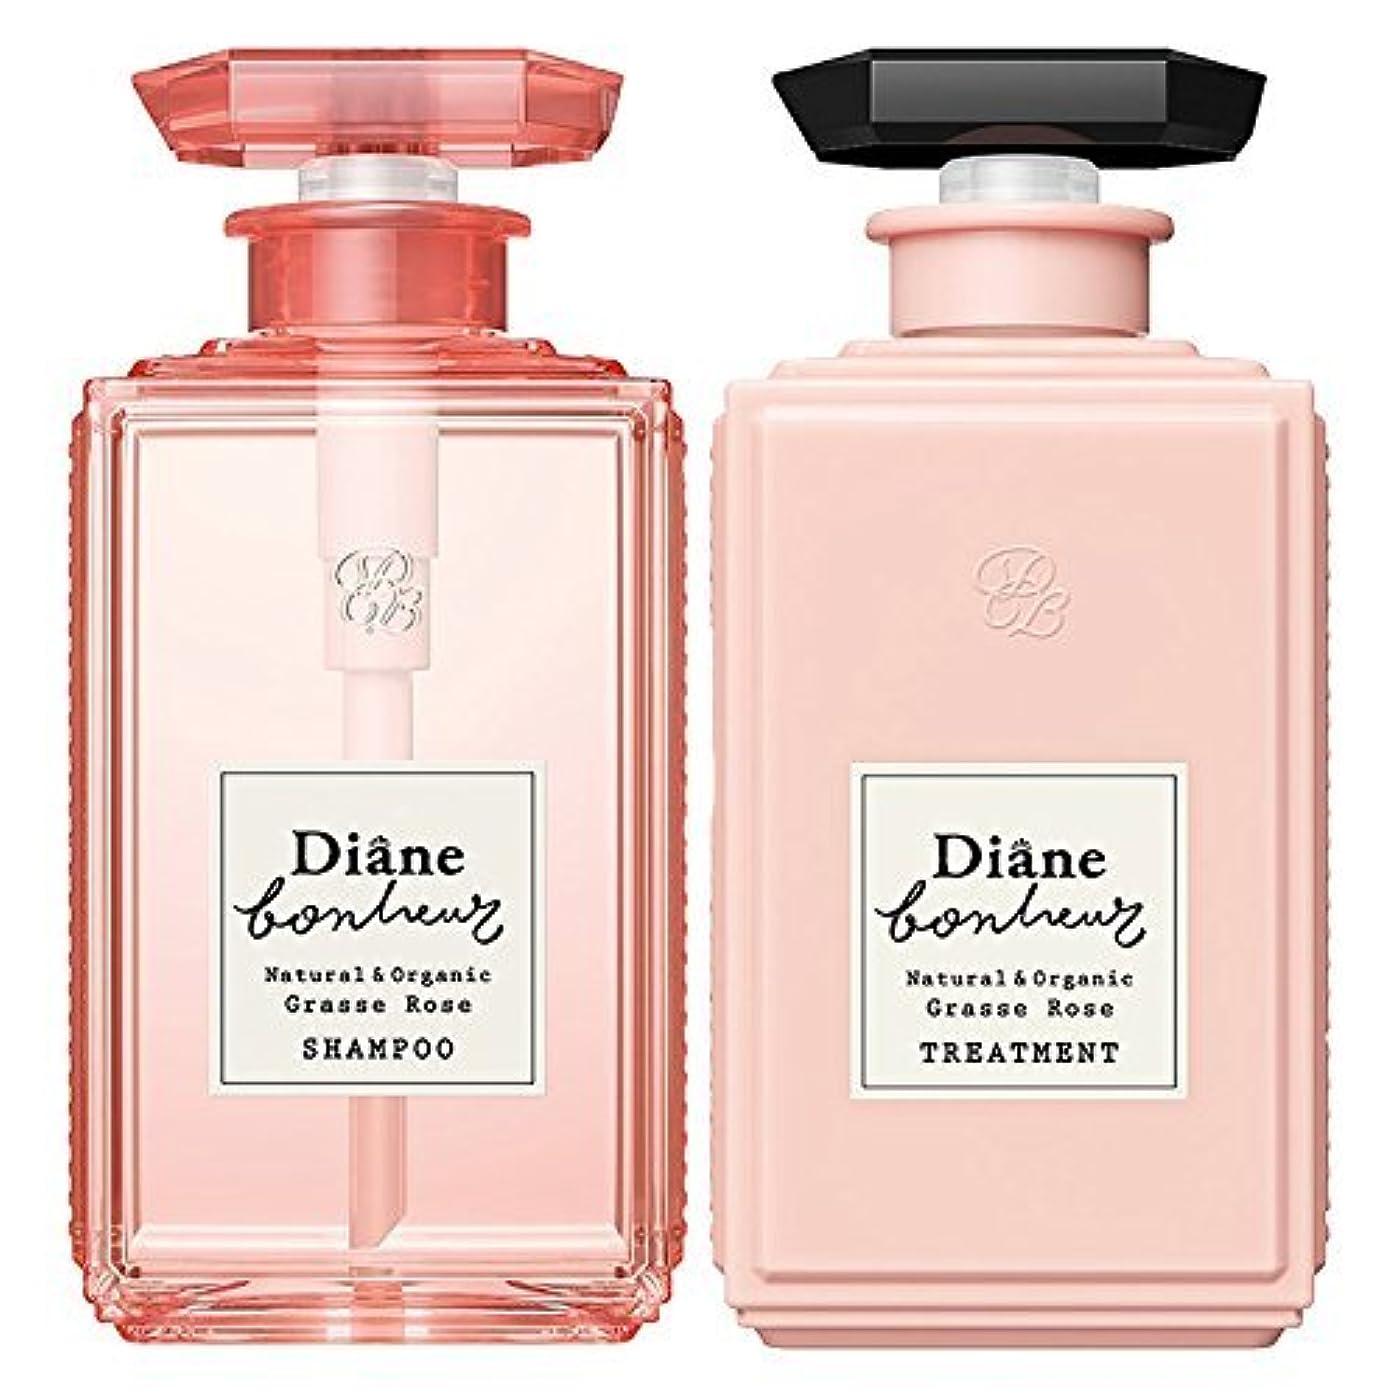 追記違反する帝国主義ダイアン ボヌール グラースローズの香り ダメージリペア シャンプー & トリートメント セット 500ml×2